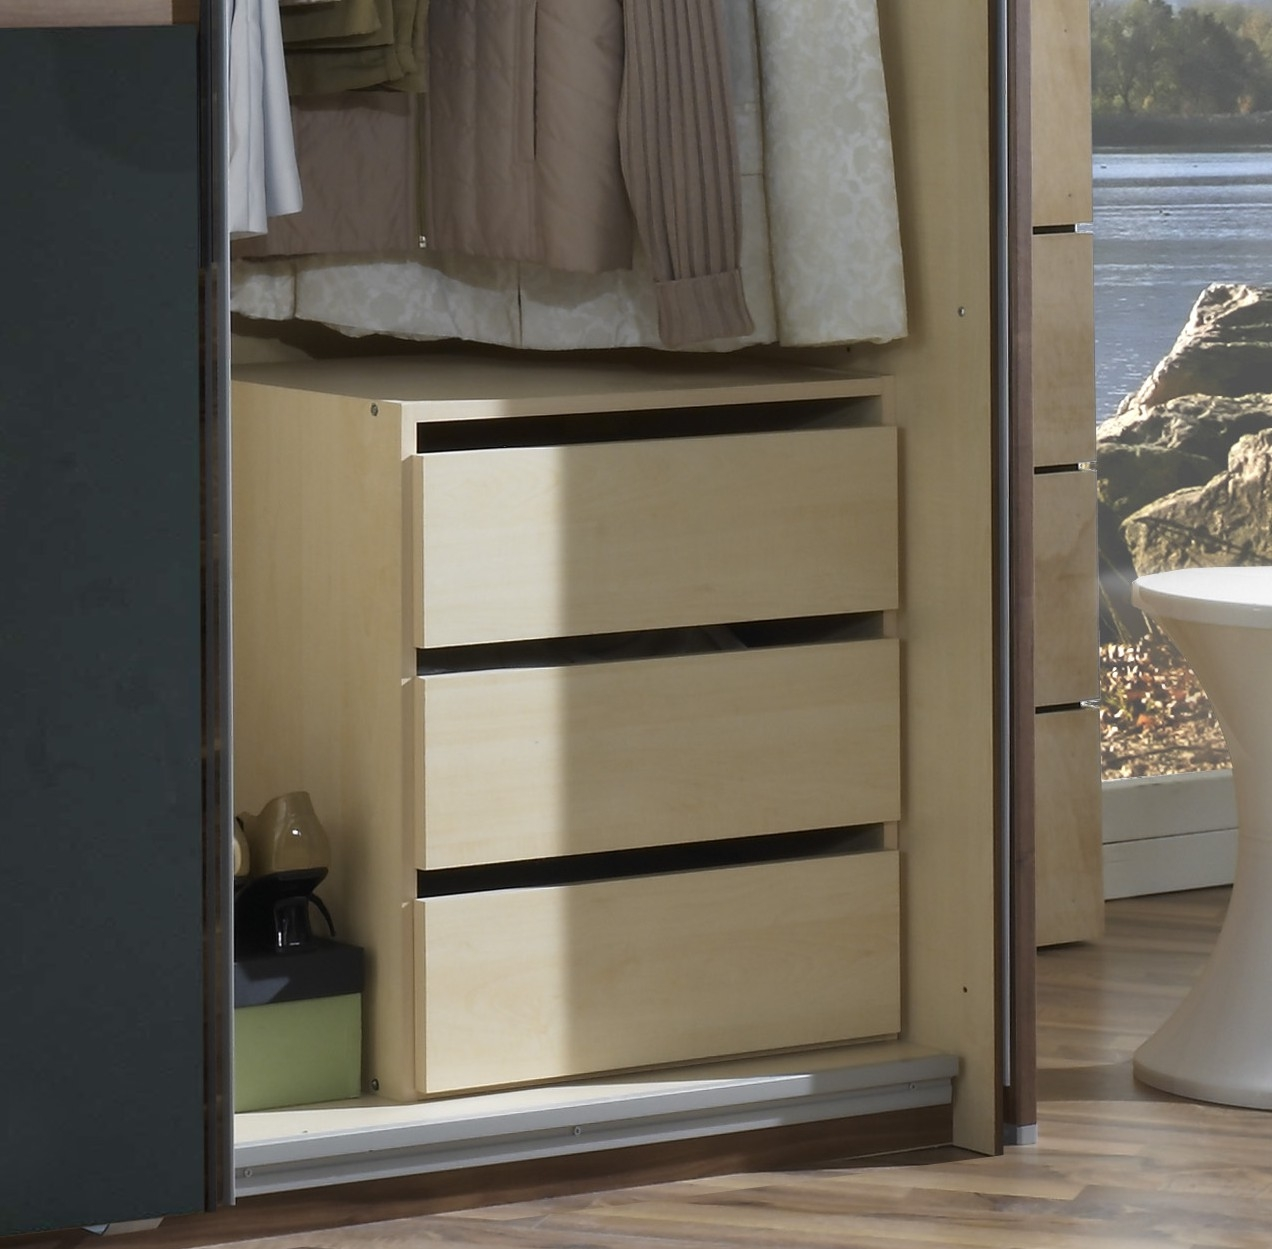 Bloc de 3 tiroirs intérieurs pour armoire Madox